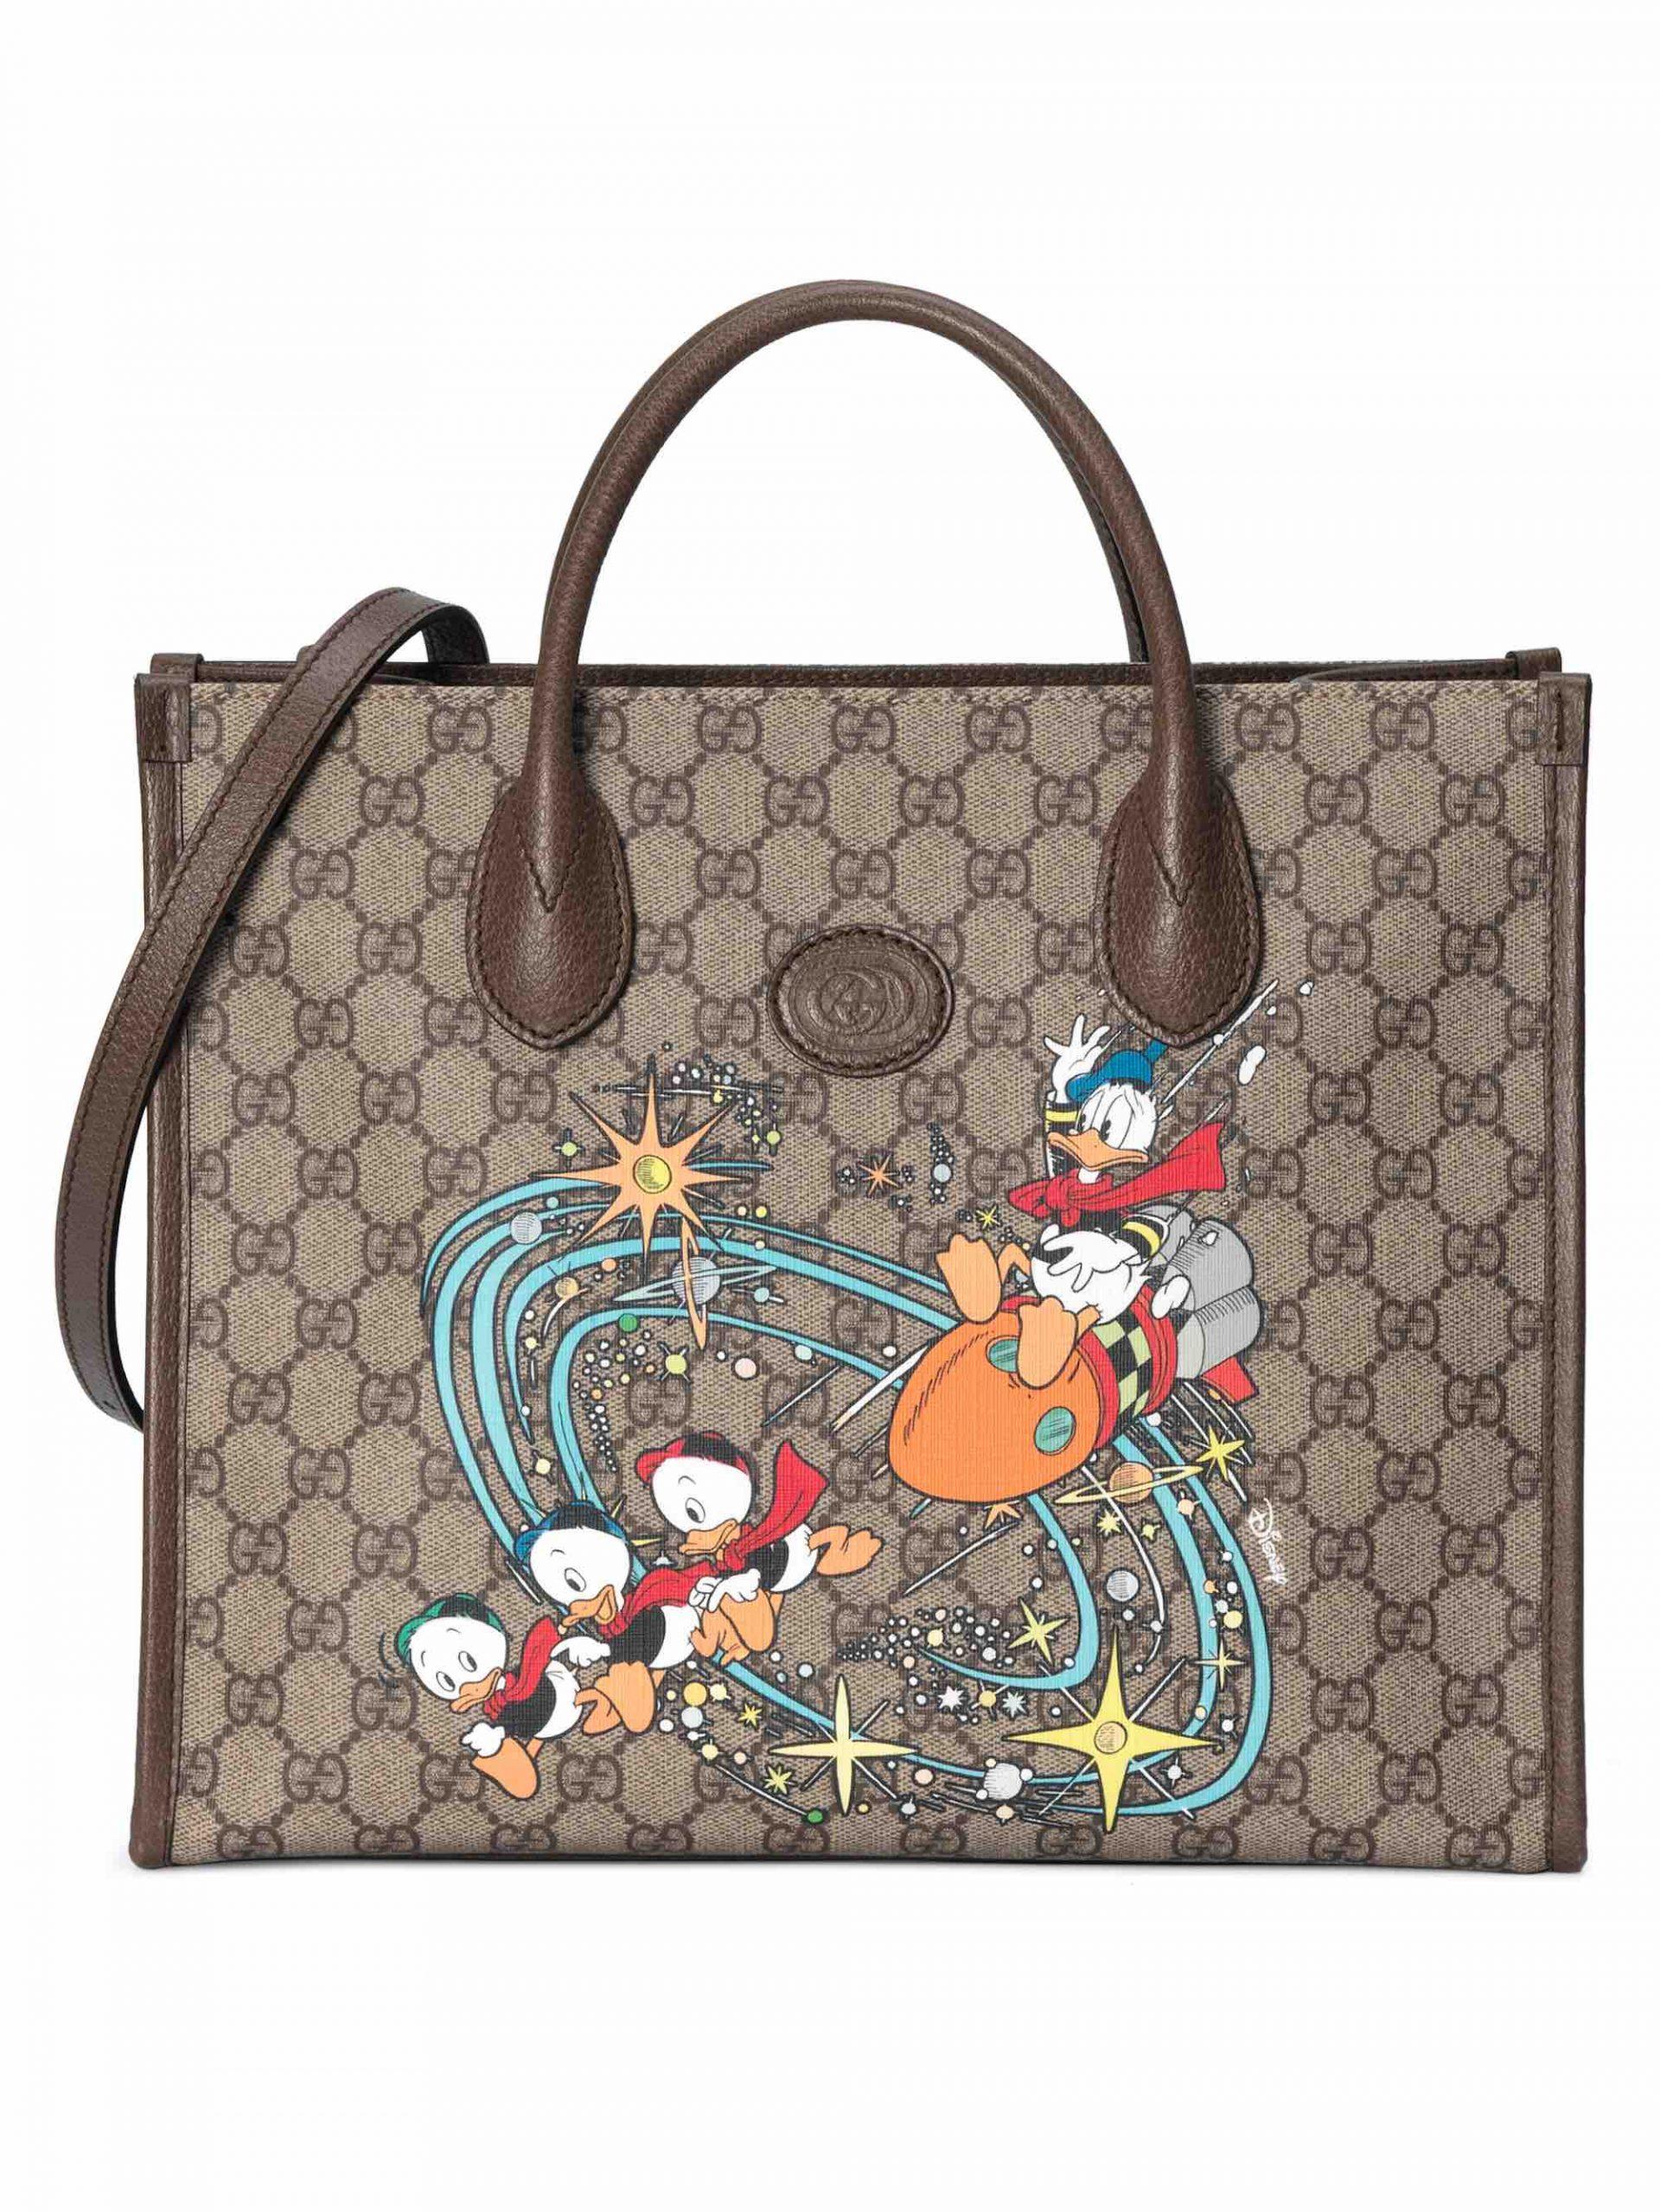 リサイクル素材を採用した「Gucci Off The Grid」コレクションの横長トートバッグもより小さいサイズの新作が登場。  ©Disney